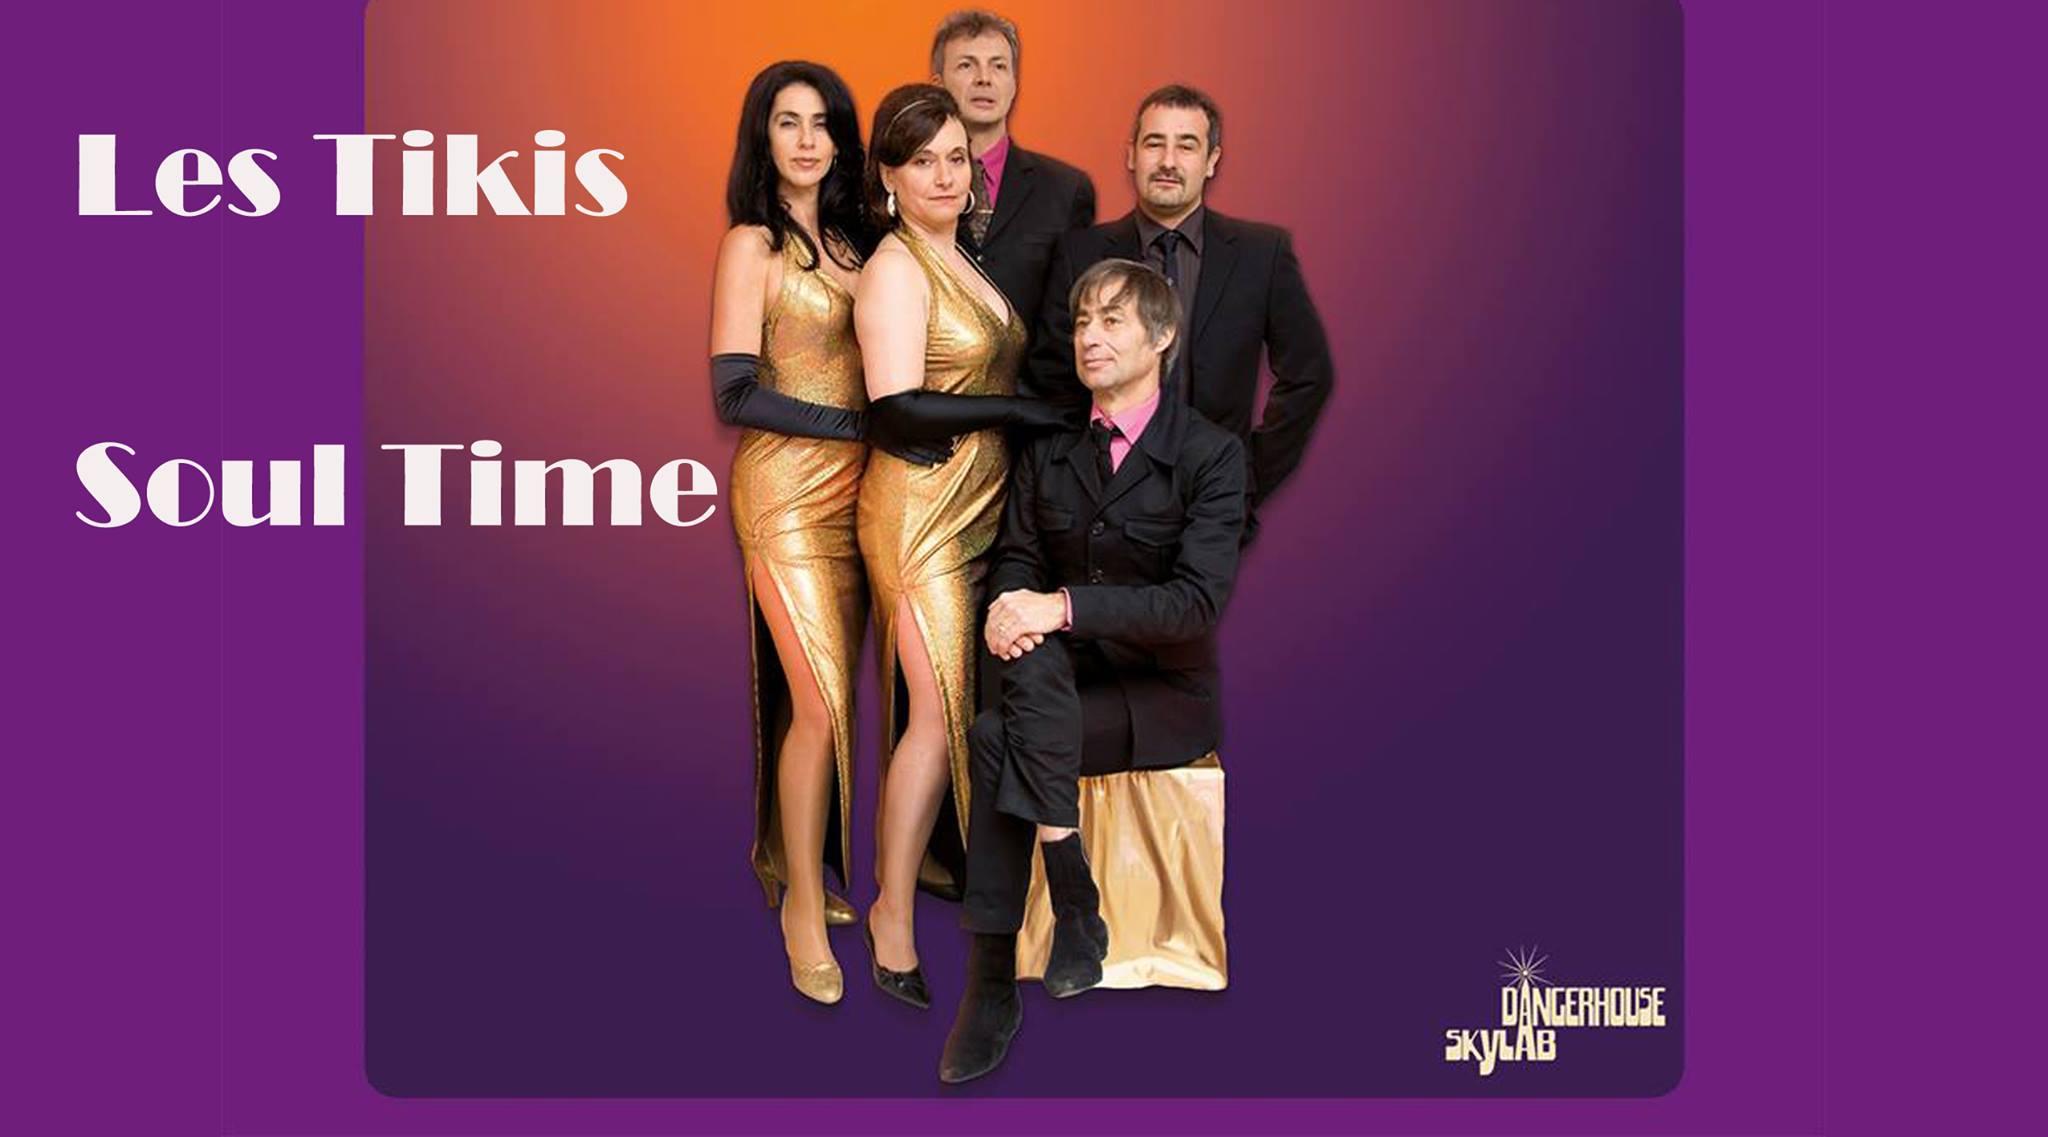 Tikis concert